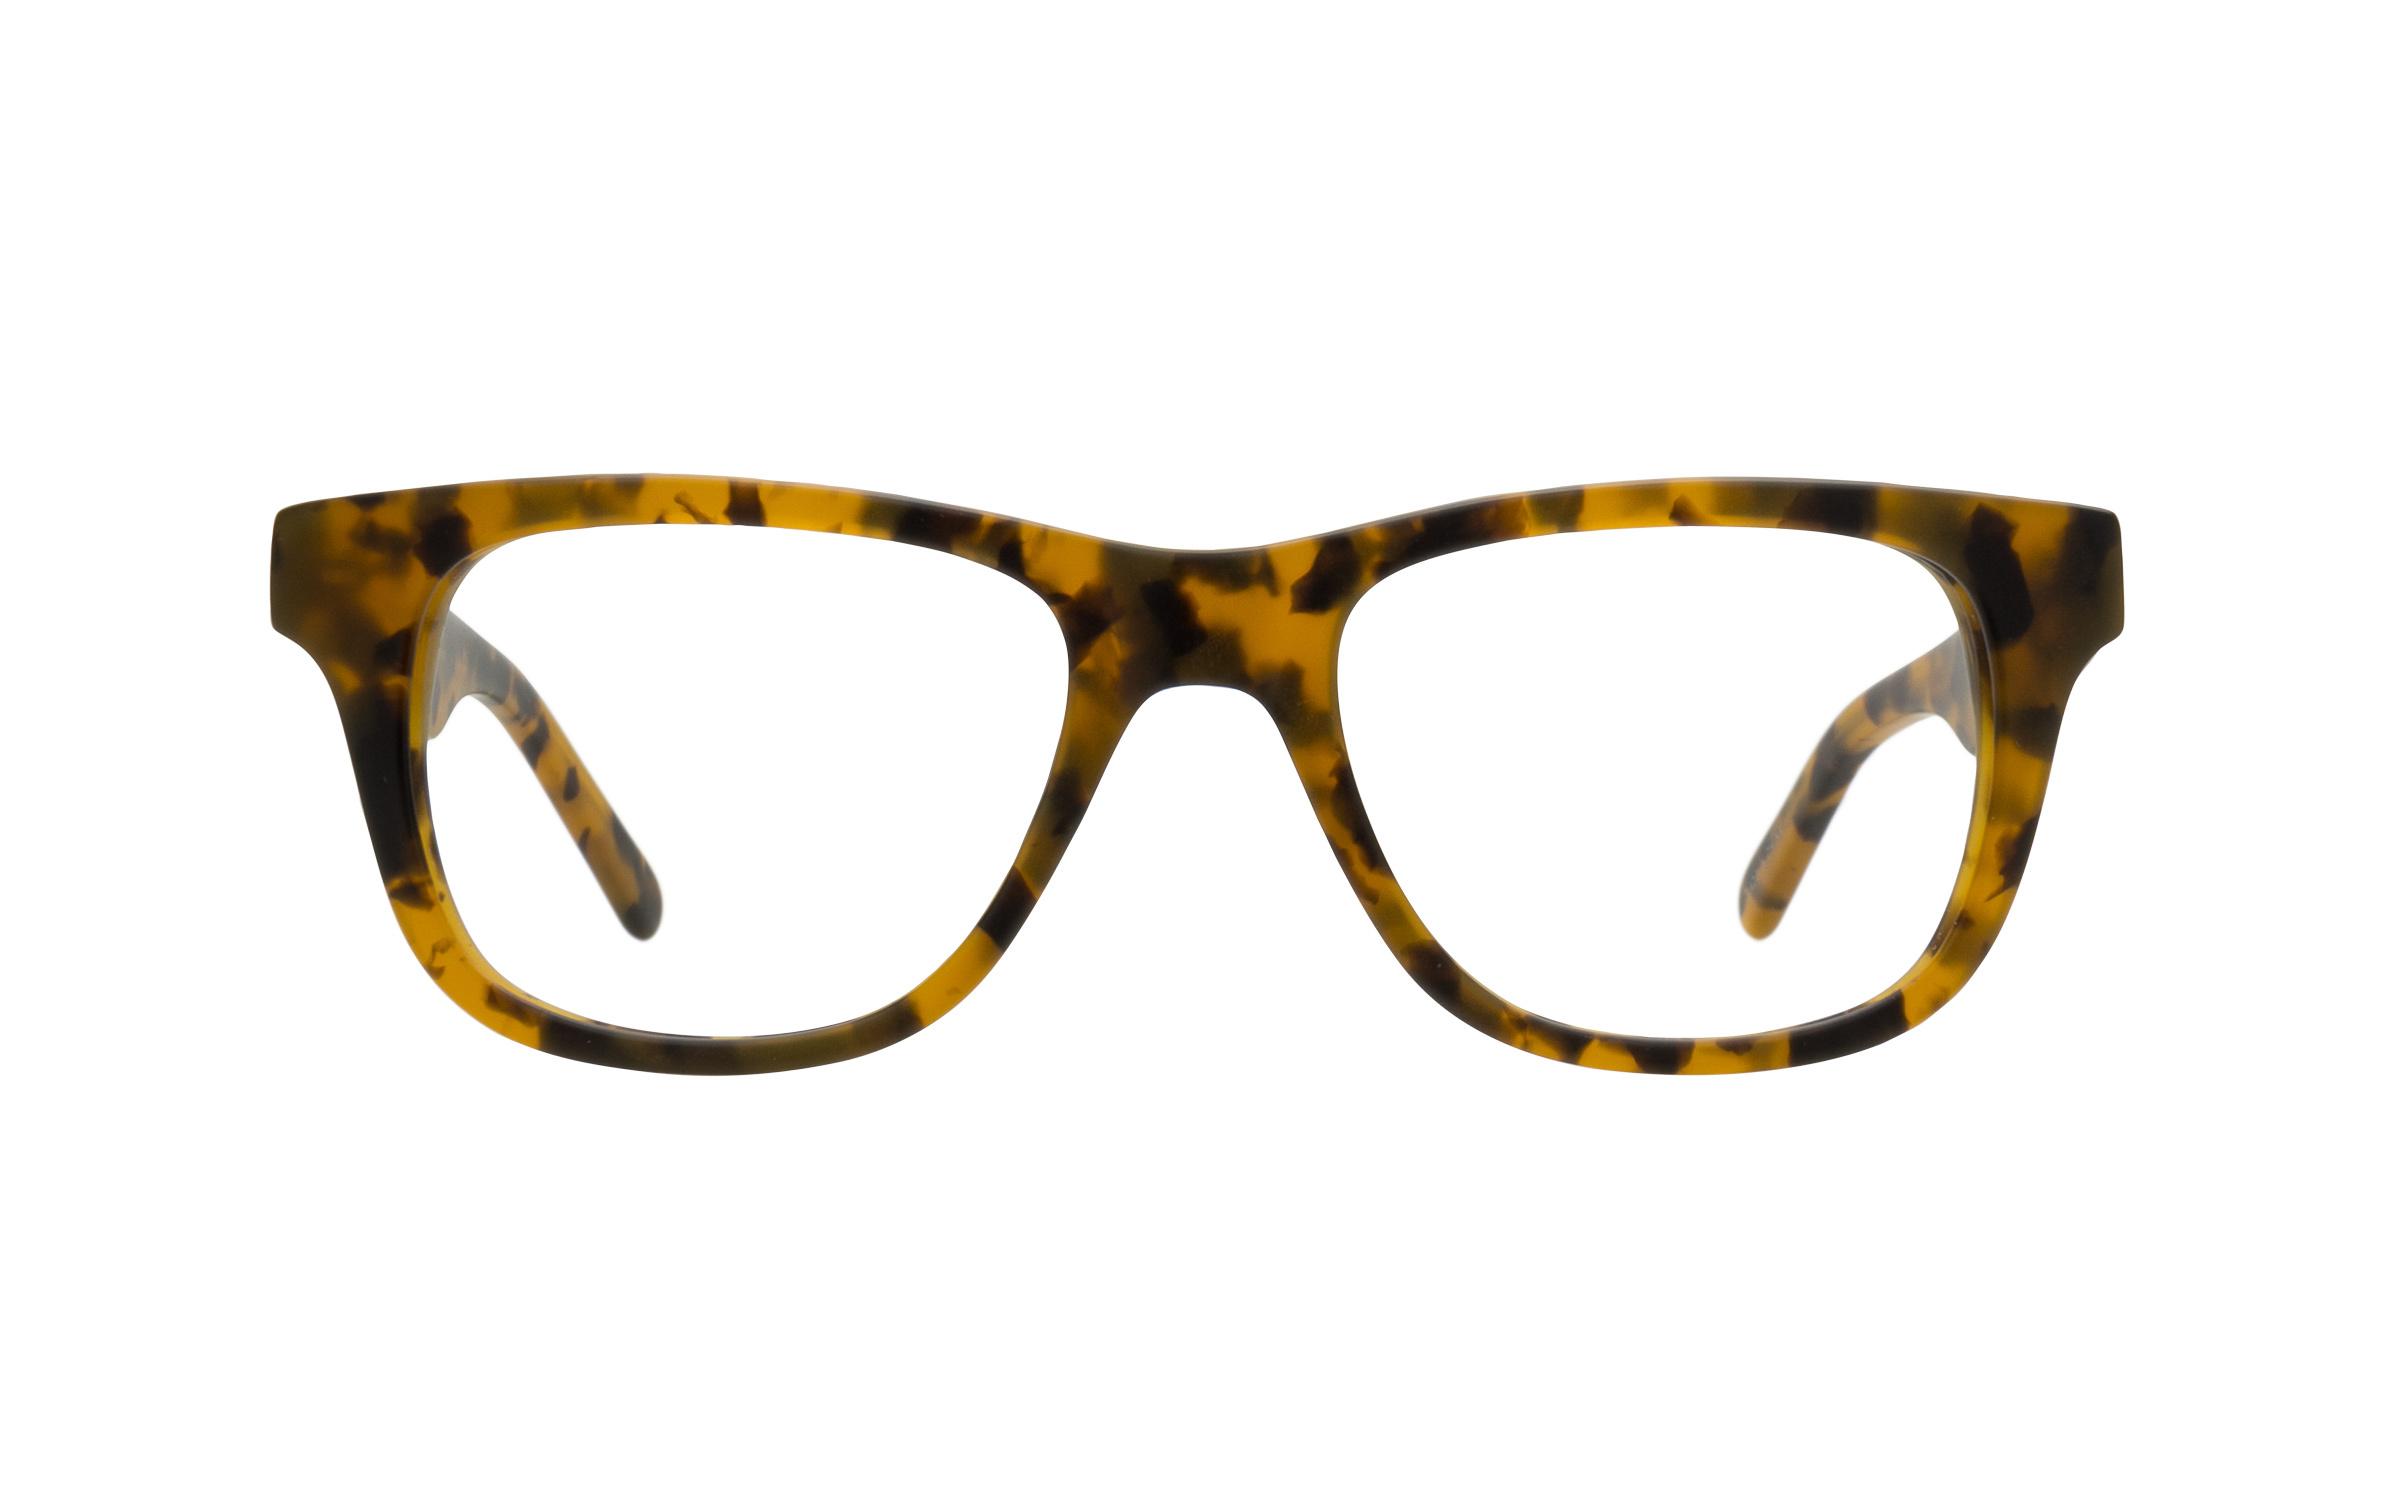 http://www.coastal.com/ - Vintage Glasses Tortoise 7 for All Mankind Online Coastal